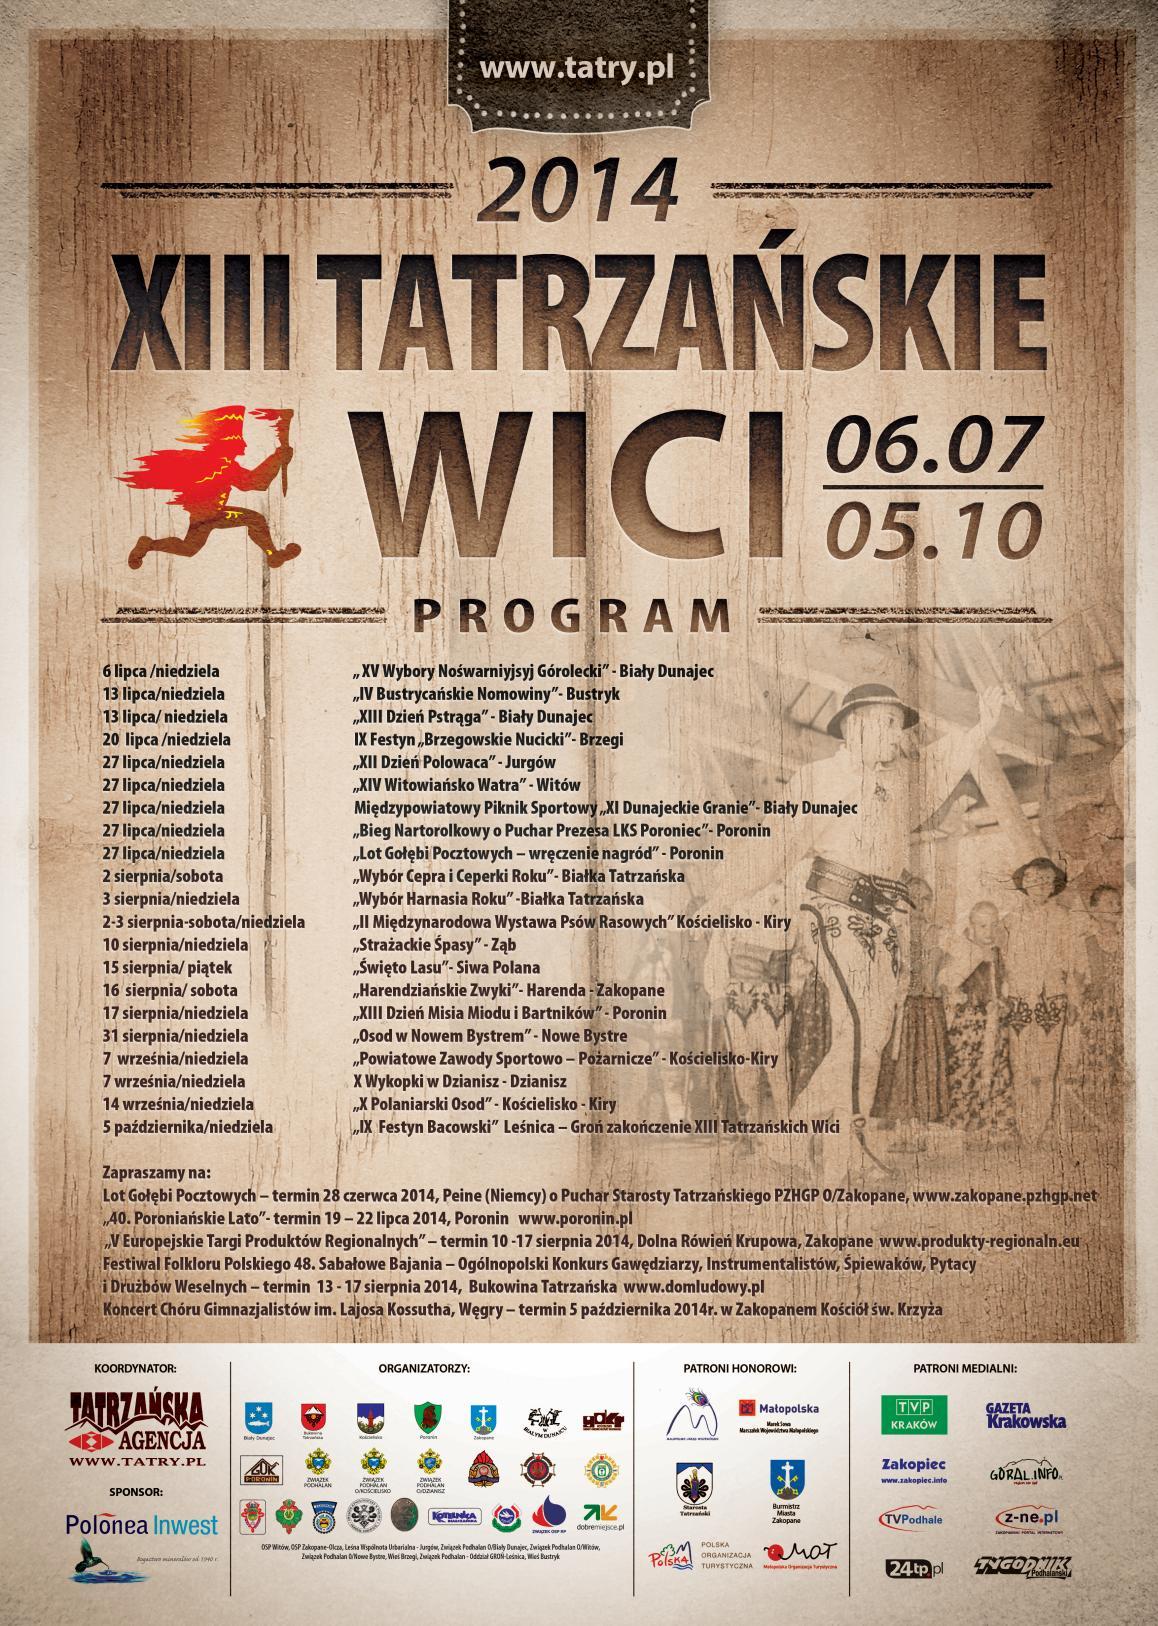 tatrzanskie_wici_plakat_2014_nl